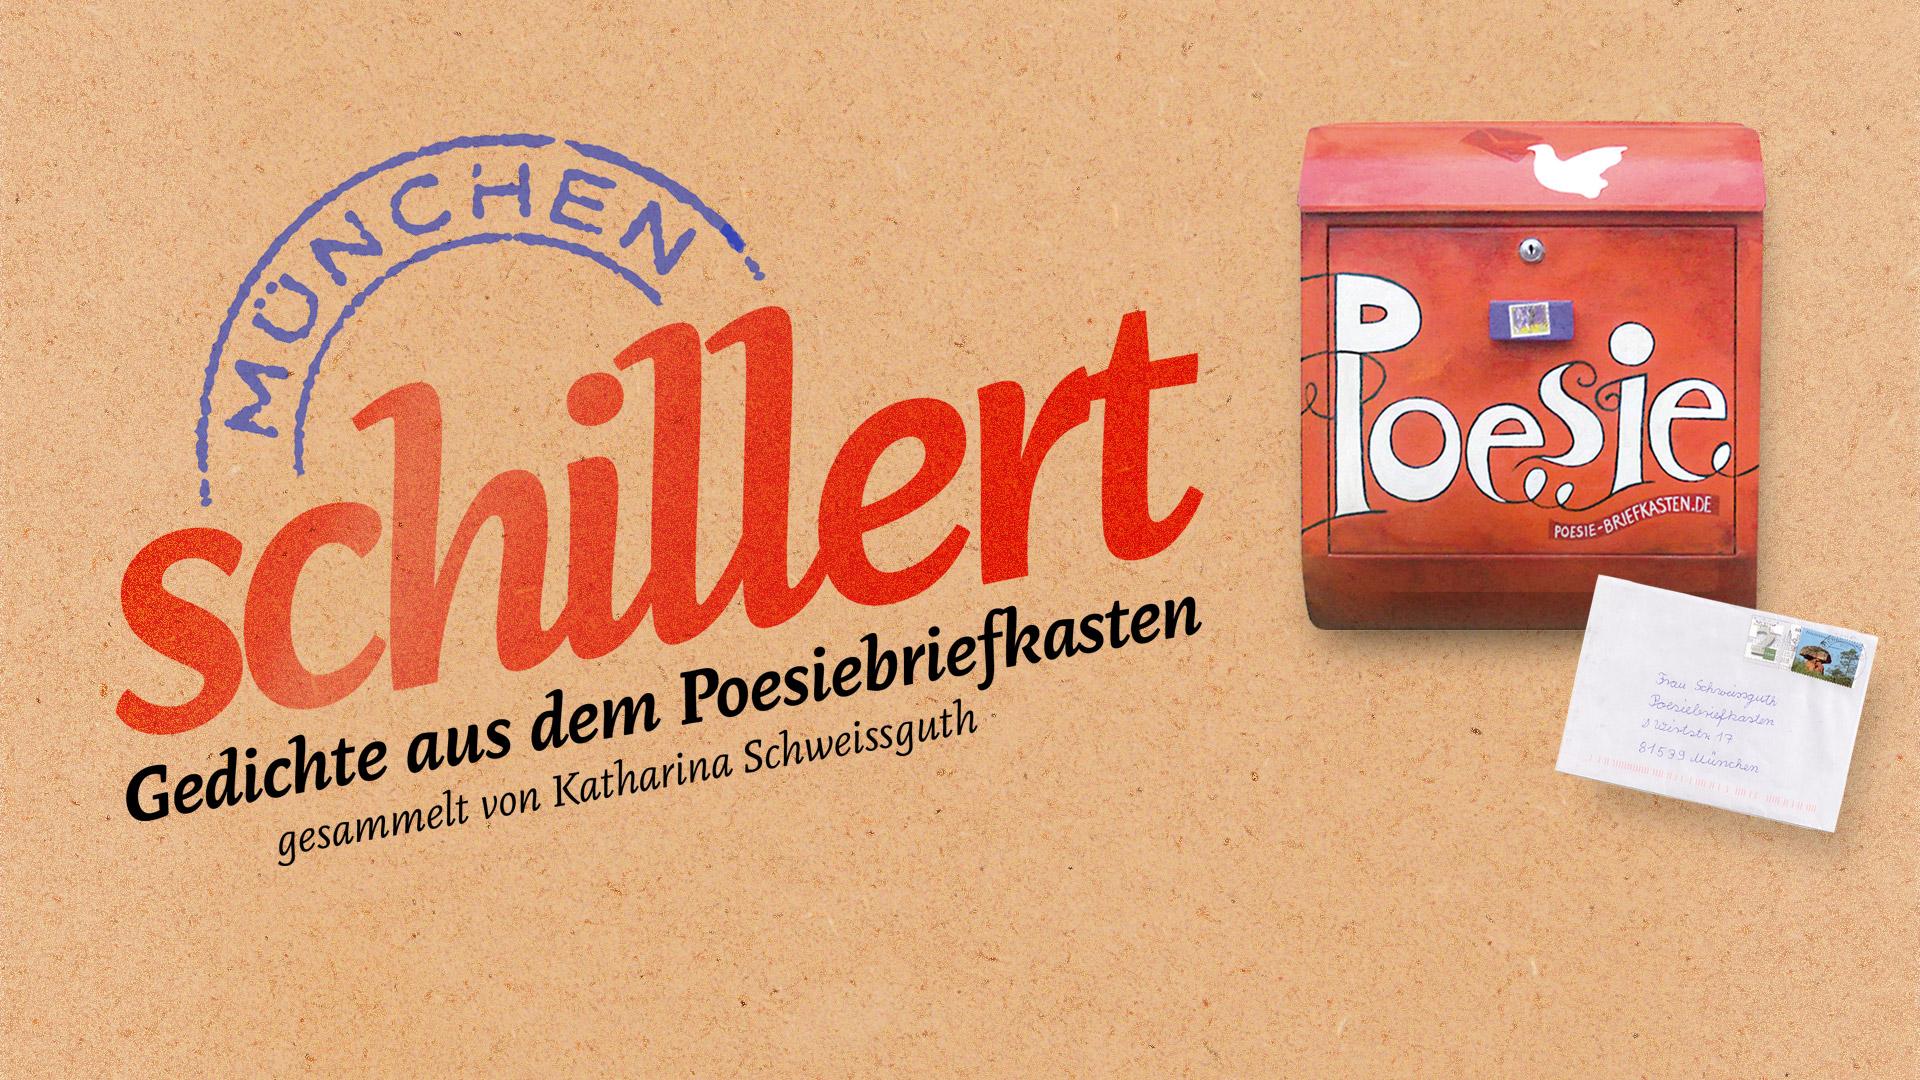 München schillert | Smart & Nett Verlag